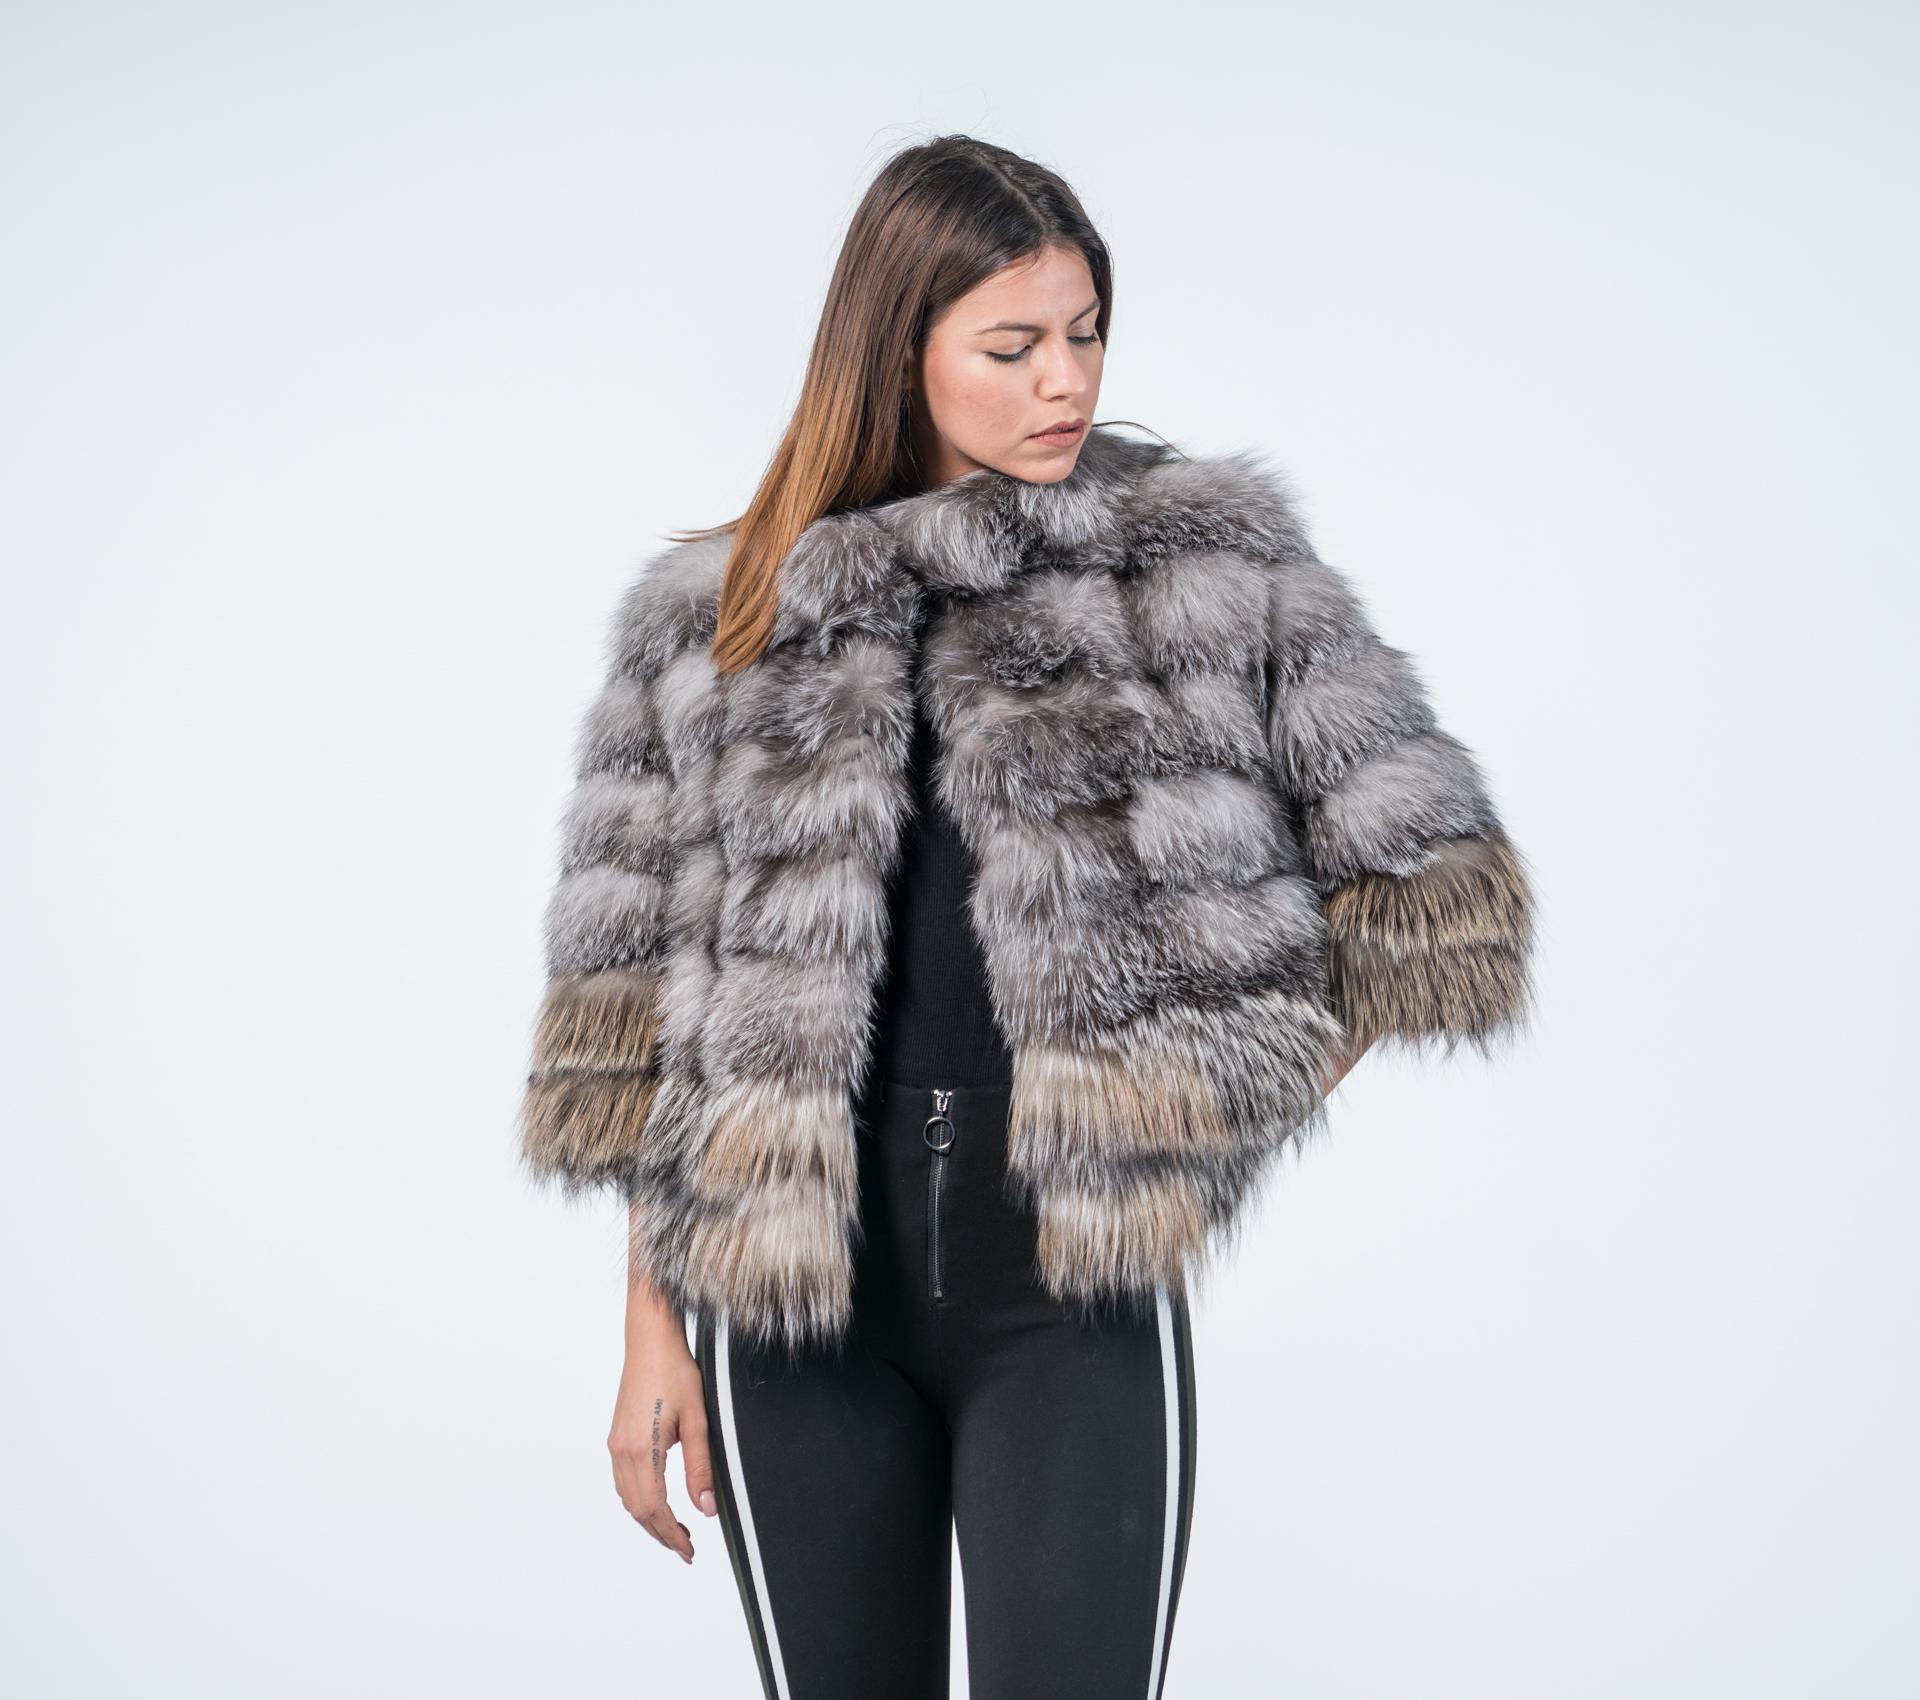 ccfa0d2bd6 Blue Frost Fox Fur Coat - 100% Real Fur - Haute Acorn